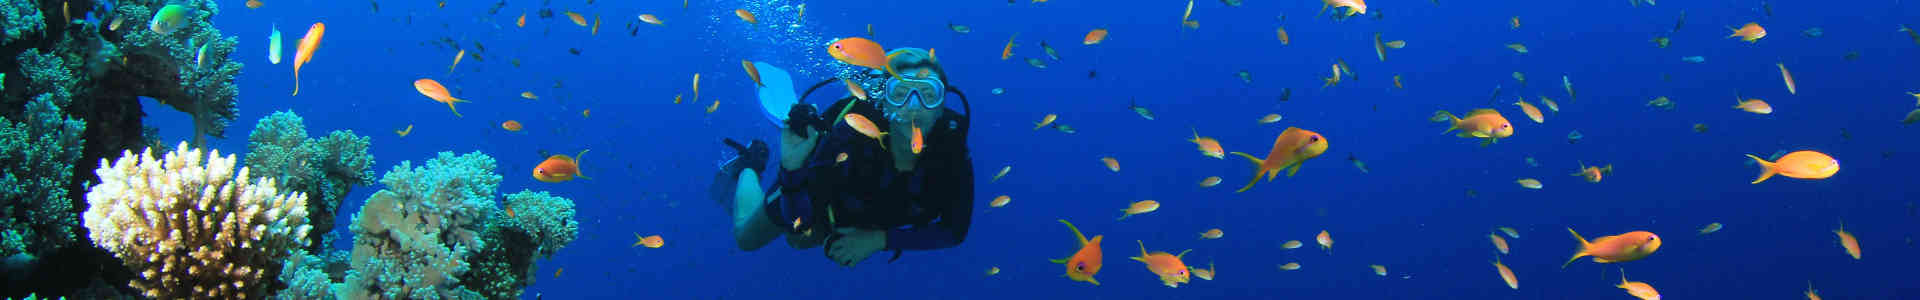 zanzibar-private-villa-scuba-diving